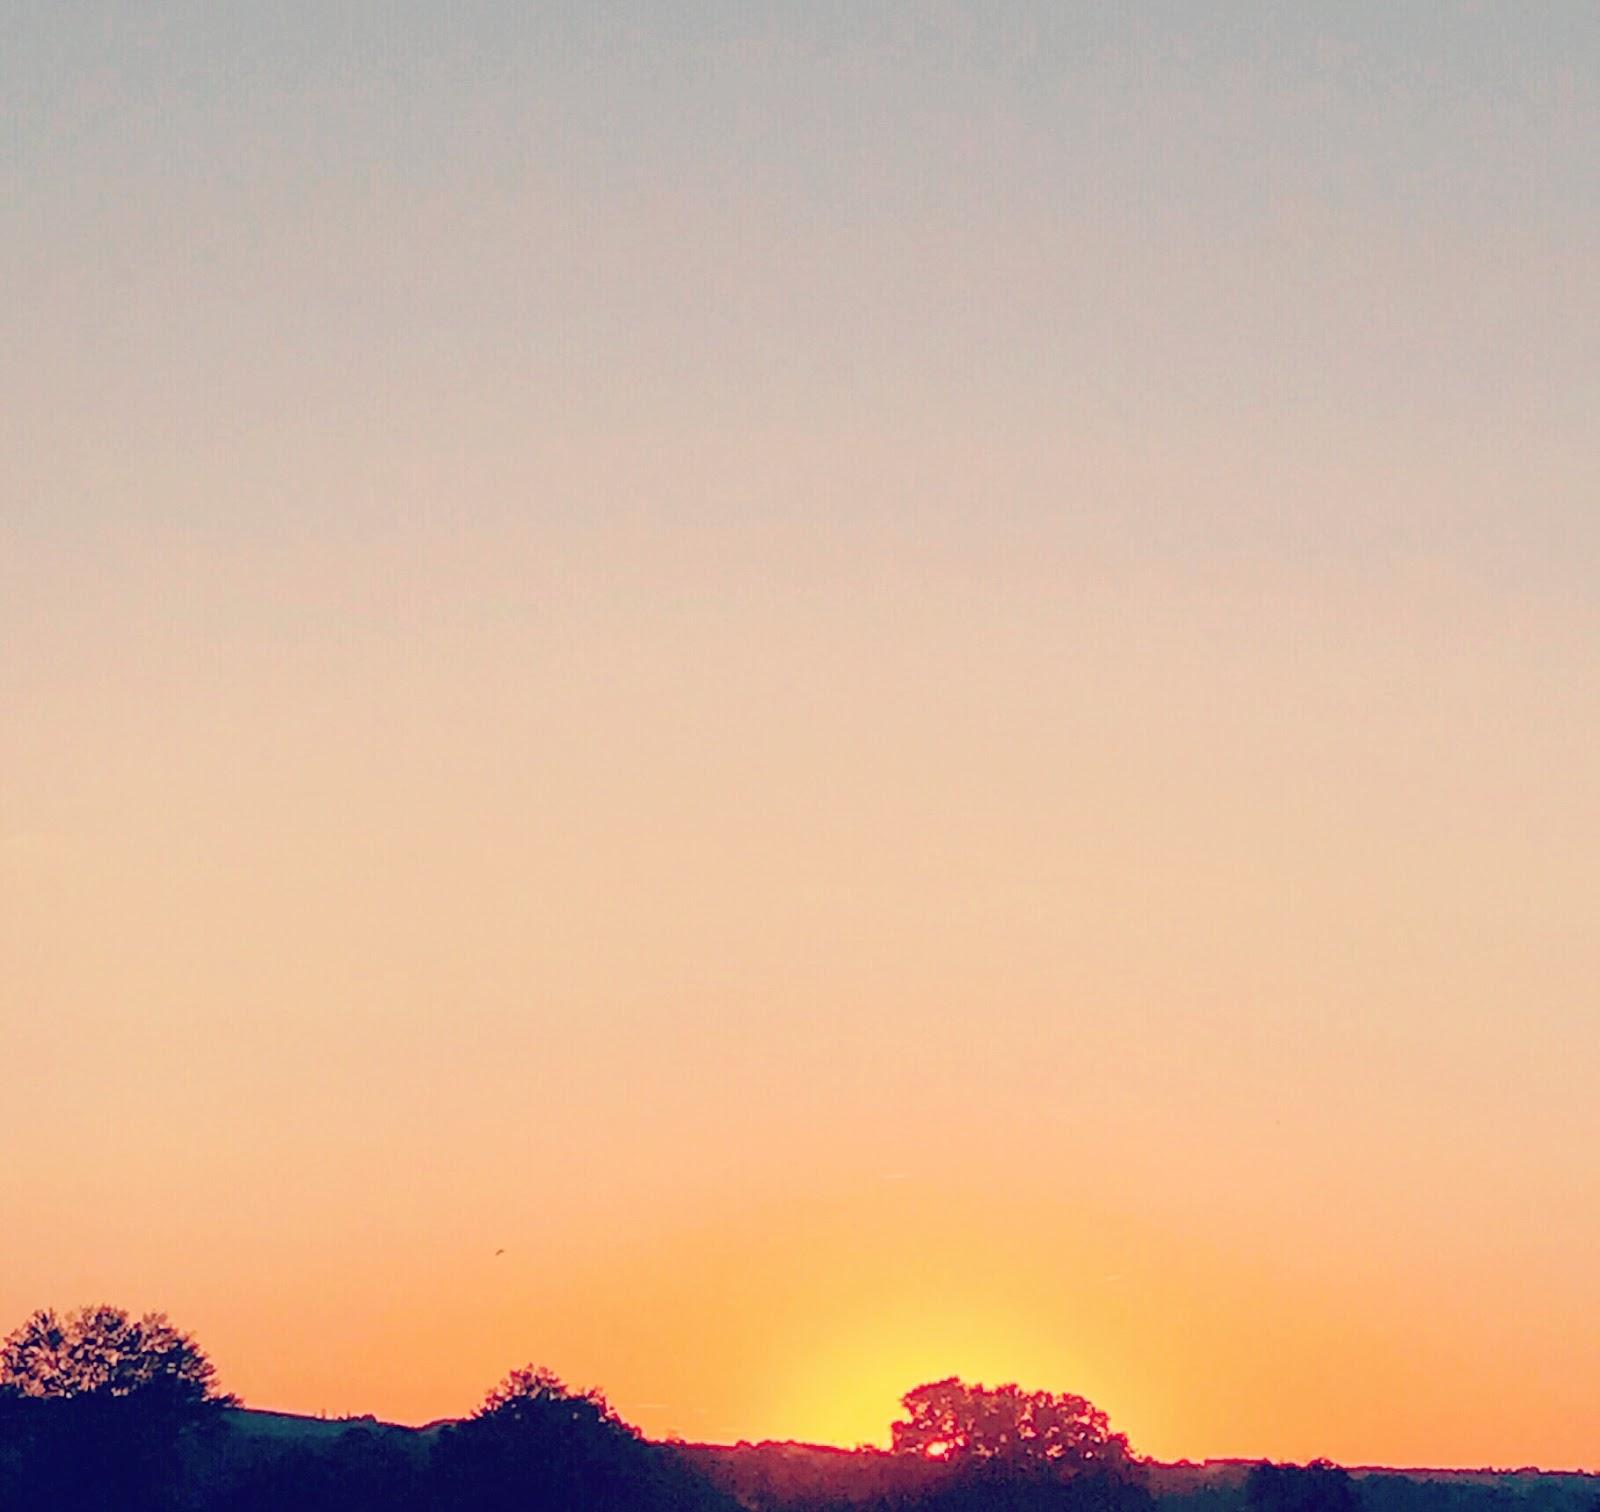 Photo prise d'un beau coucher de soleil